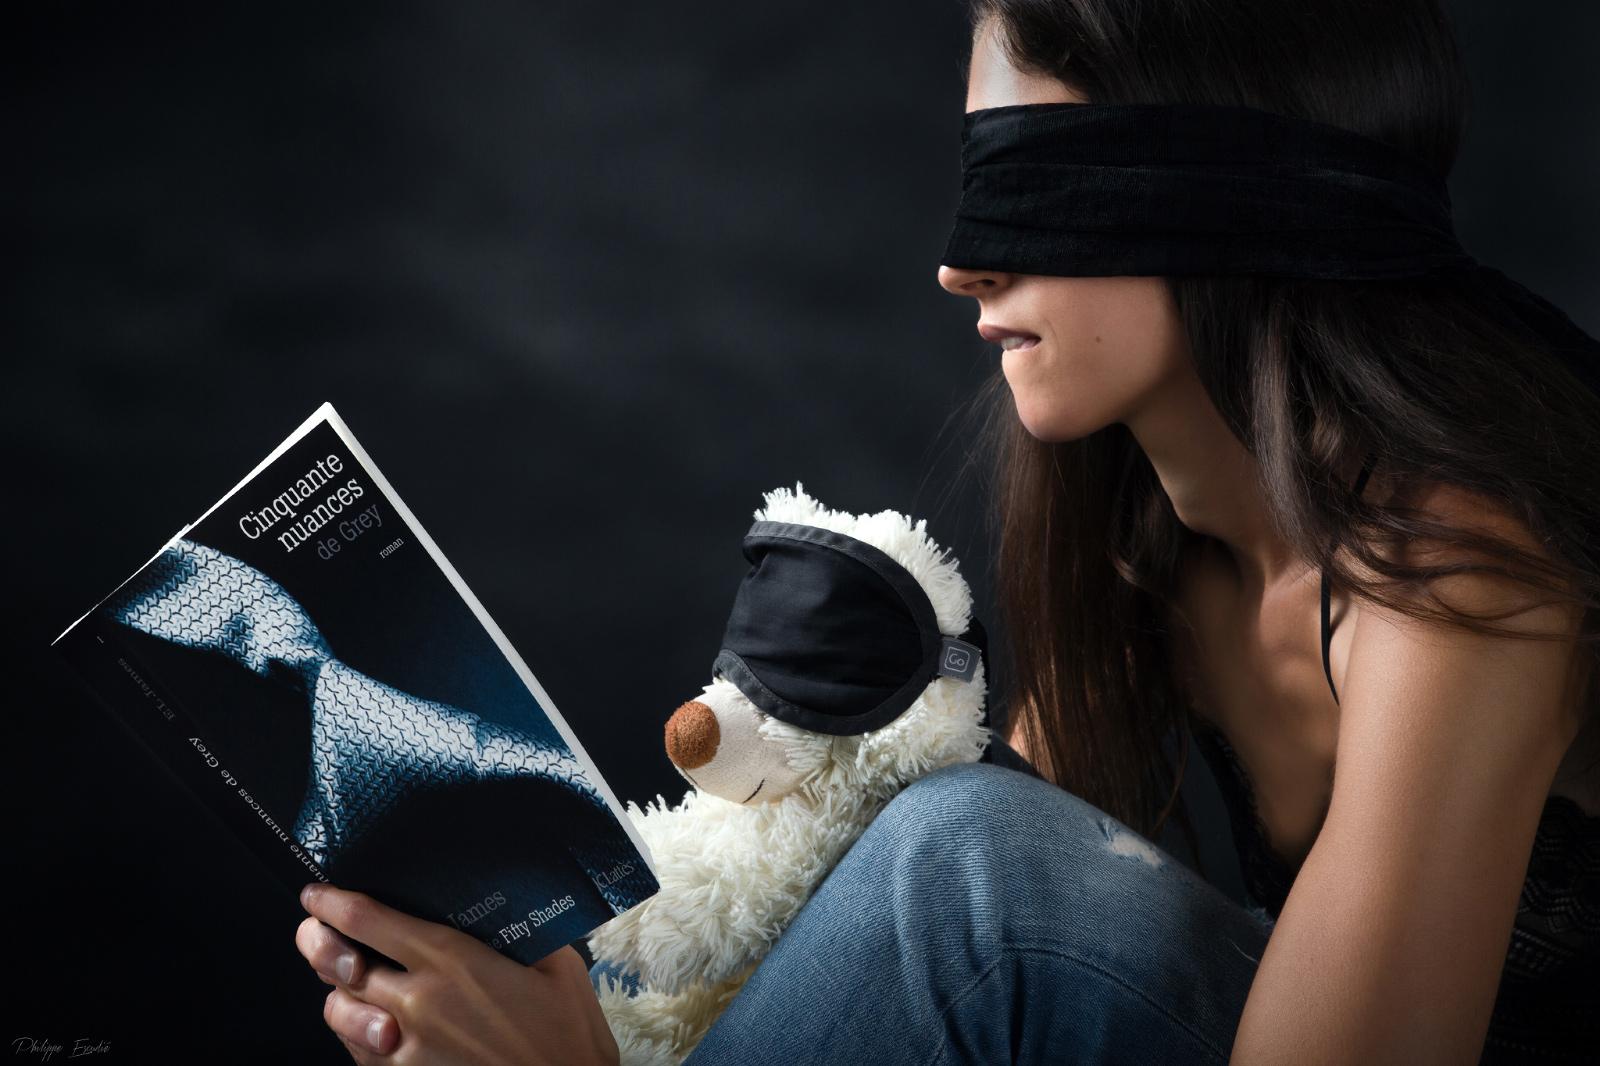 Un ours en peluche et un modèle photo, les yeux bandés, semblent apprécier le livre 50 Nuances de grey.